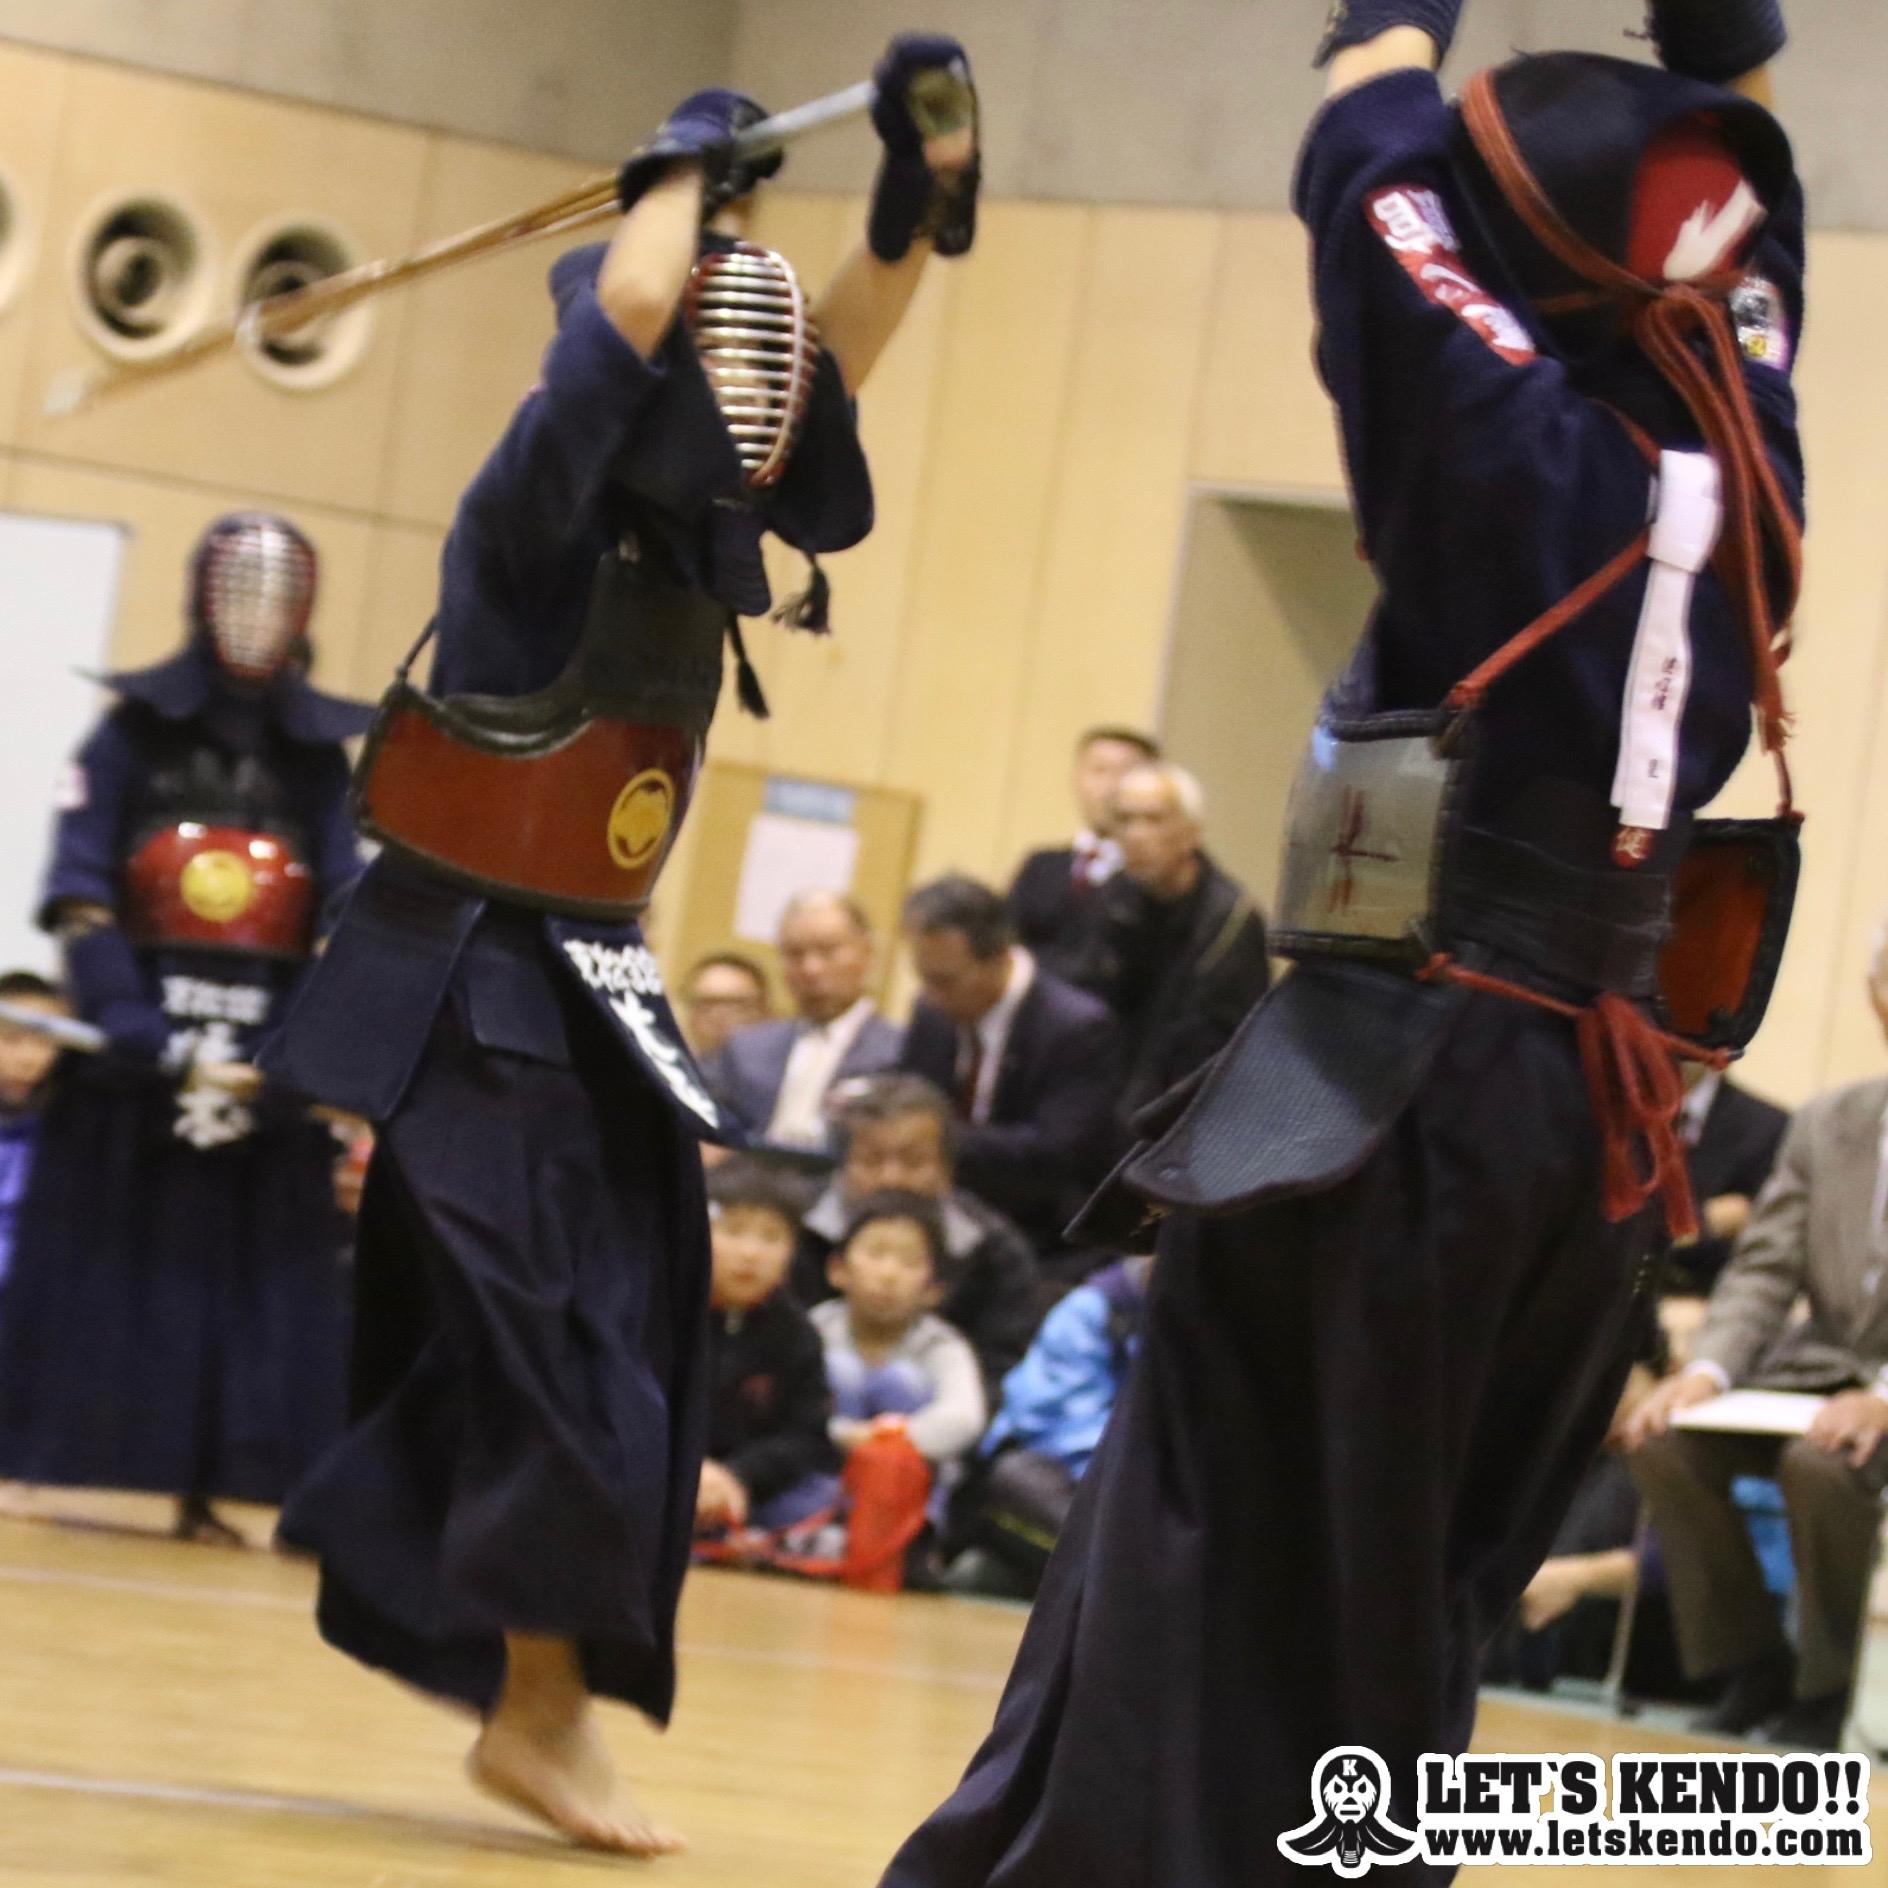 【速報&生配信】11/12 H29第45回解脱選抜少年剣道大会